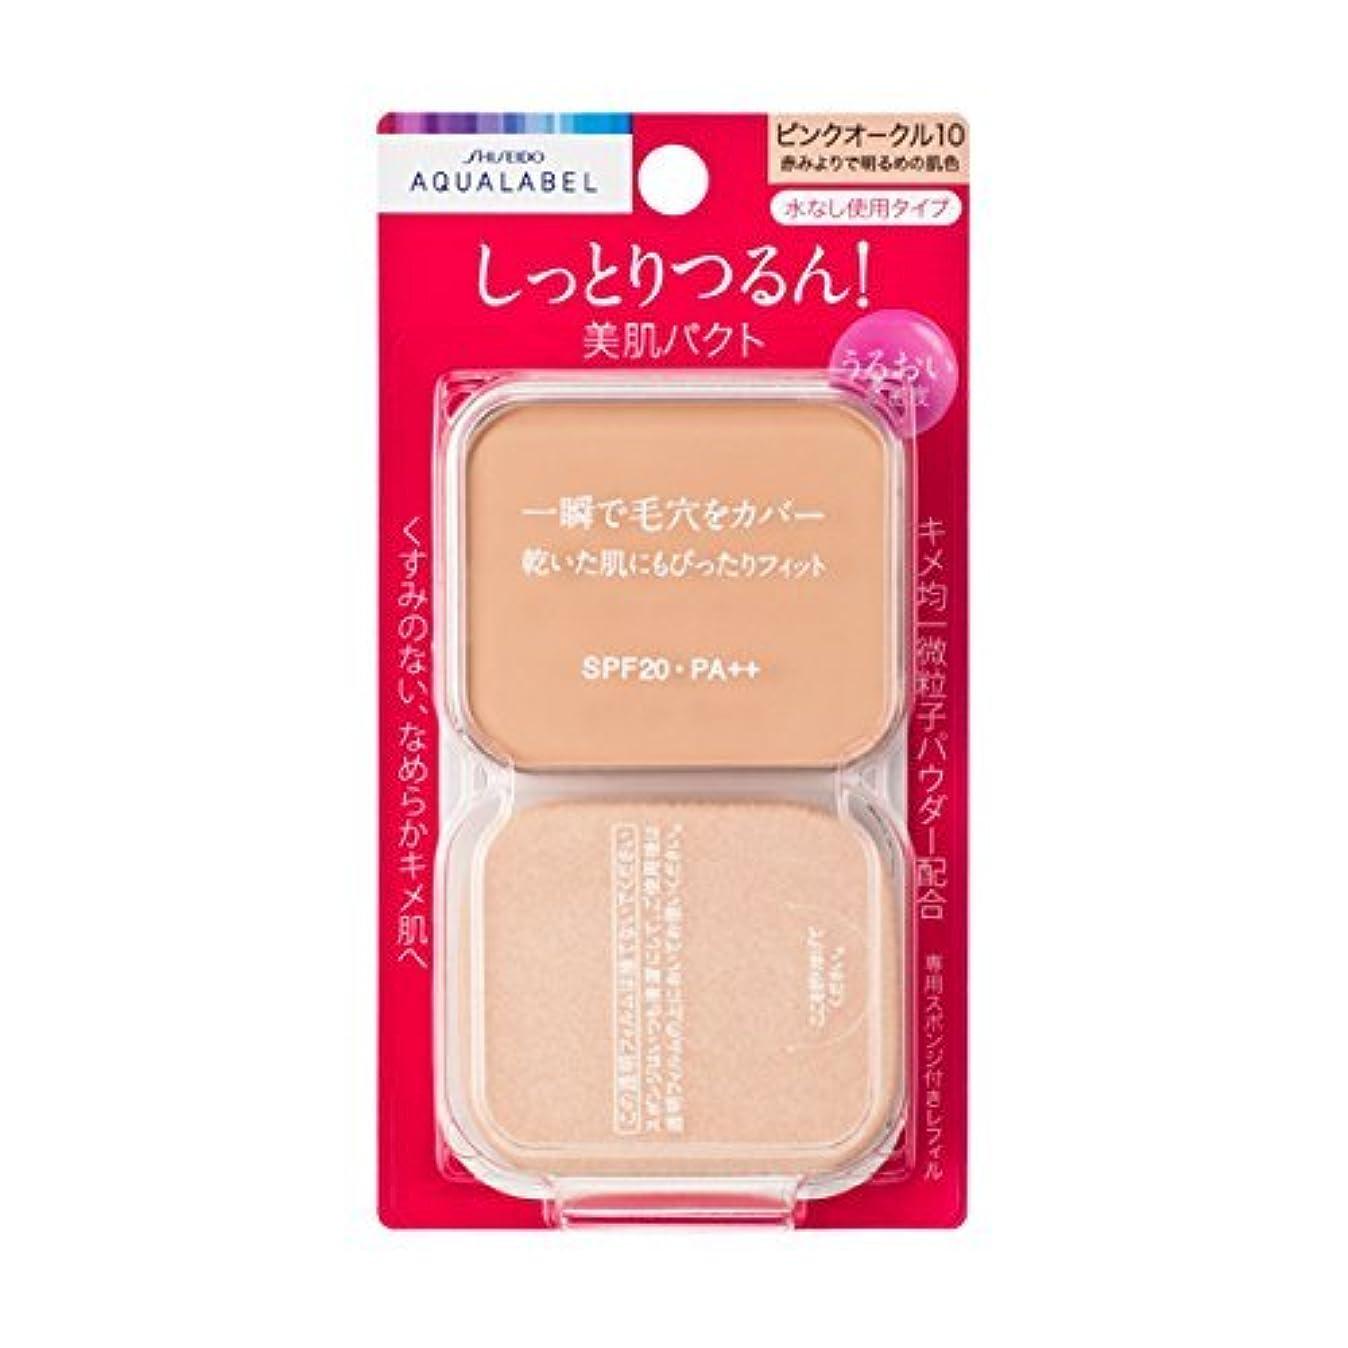 アクアレーベル モイストパウダリー ピンクオークル10 (レフィル) 11.5g×6個